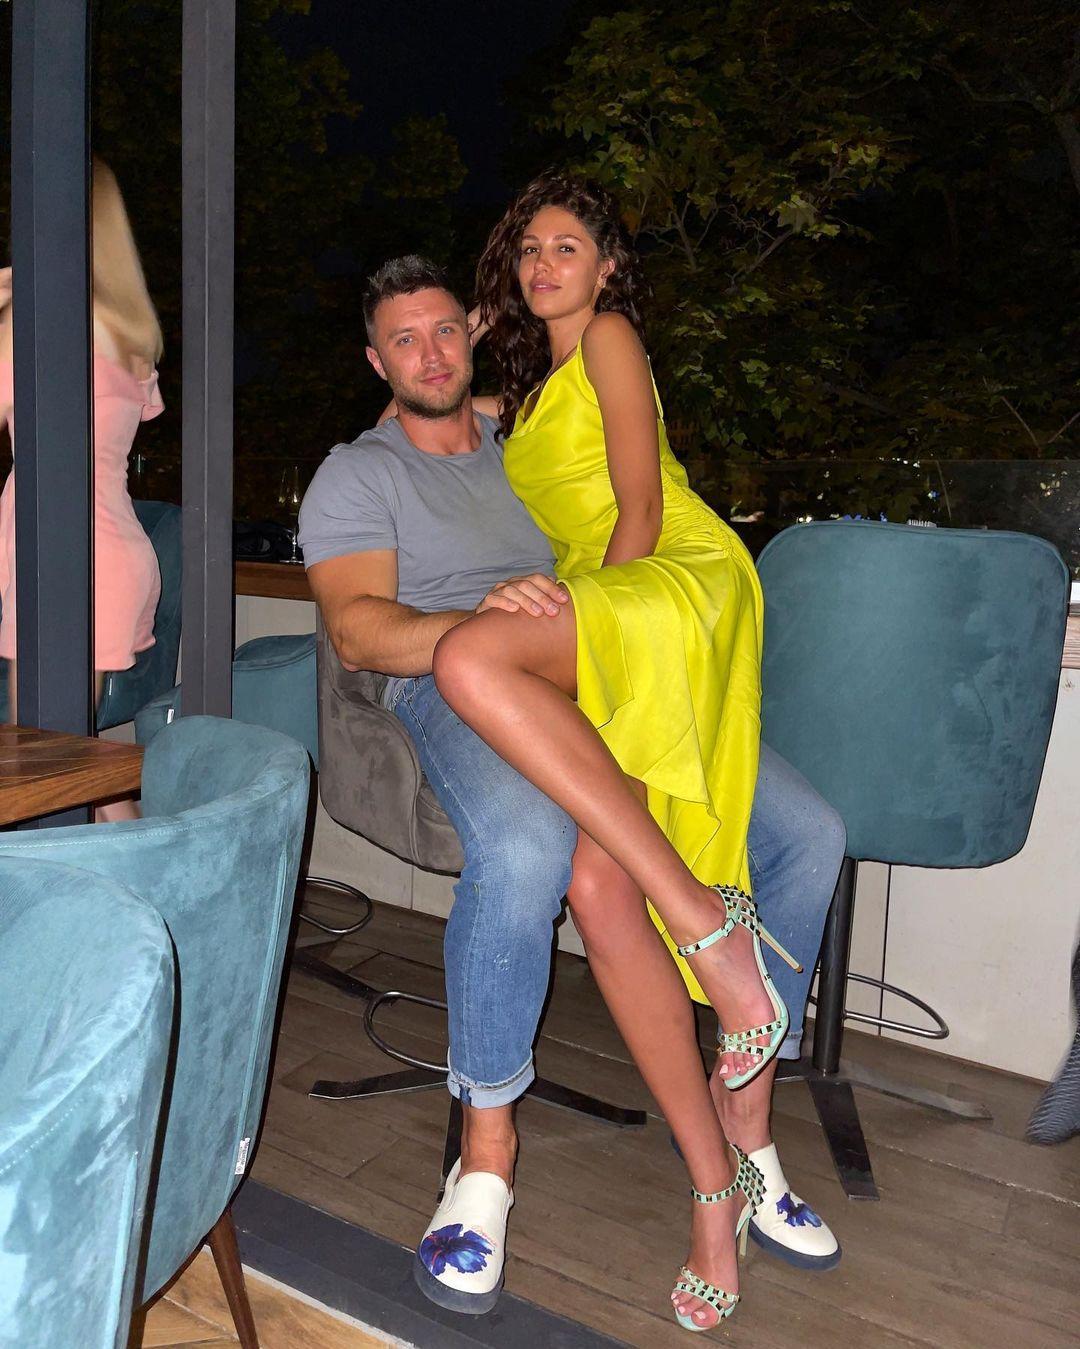 Заливако встречается с Богдан / instagram.com/kanyeeebear